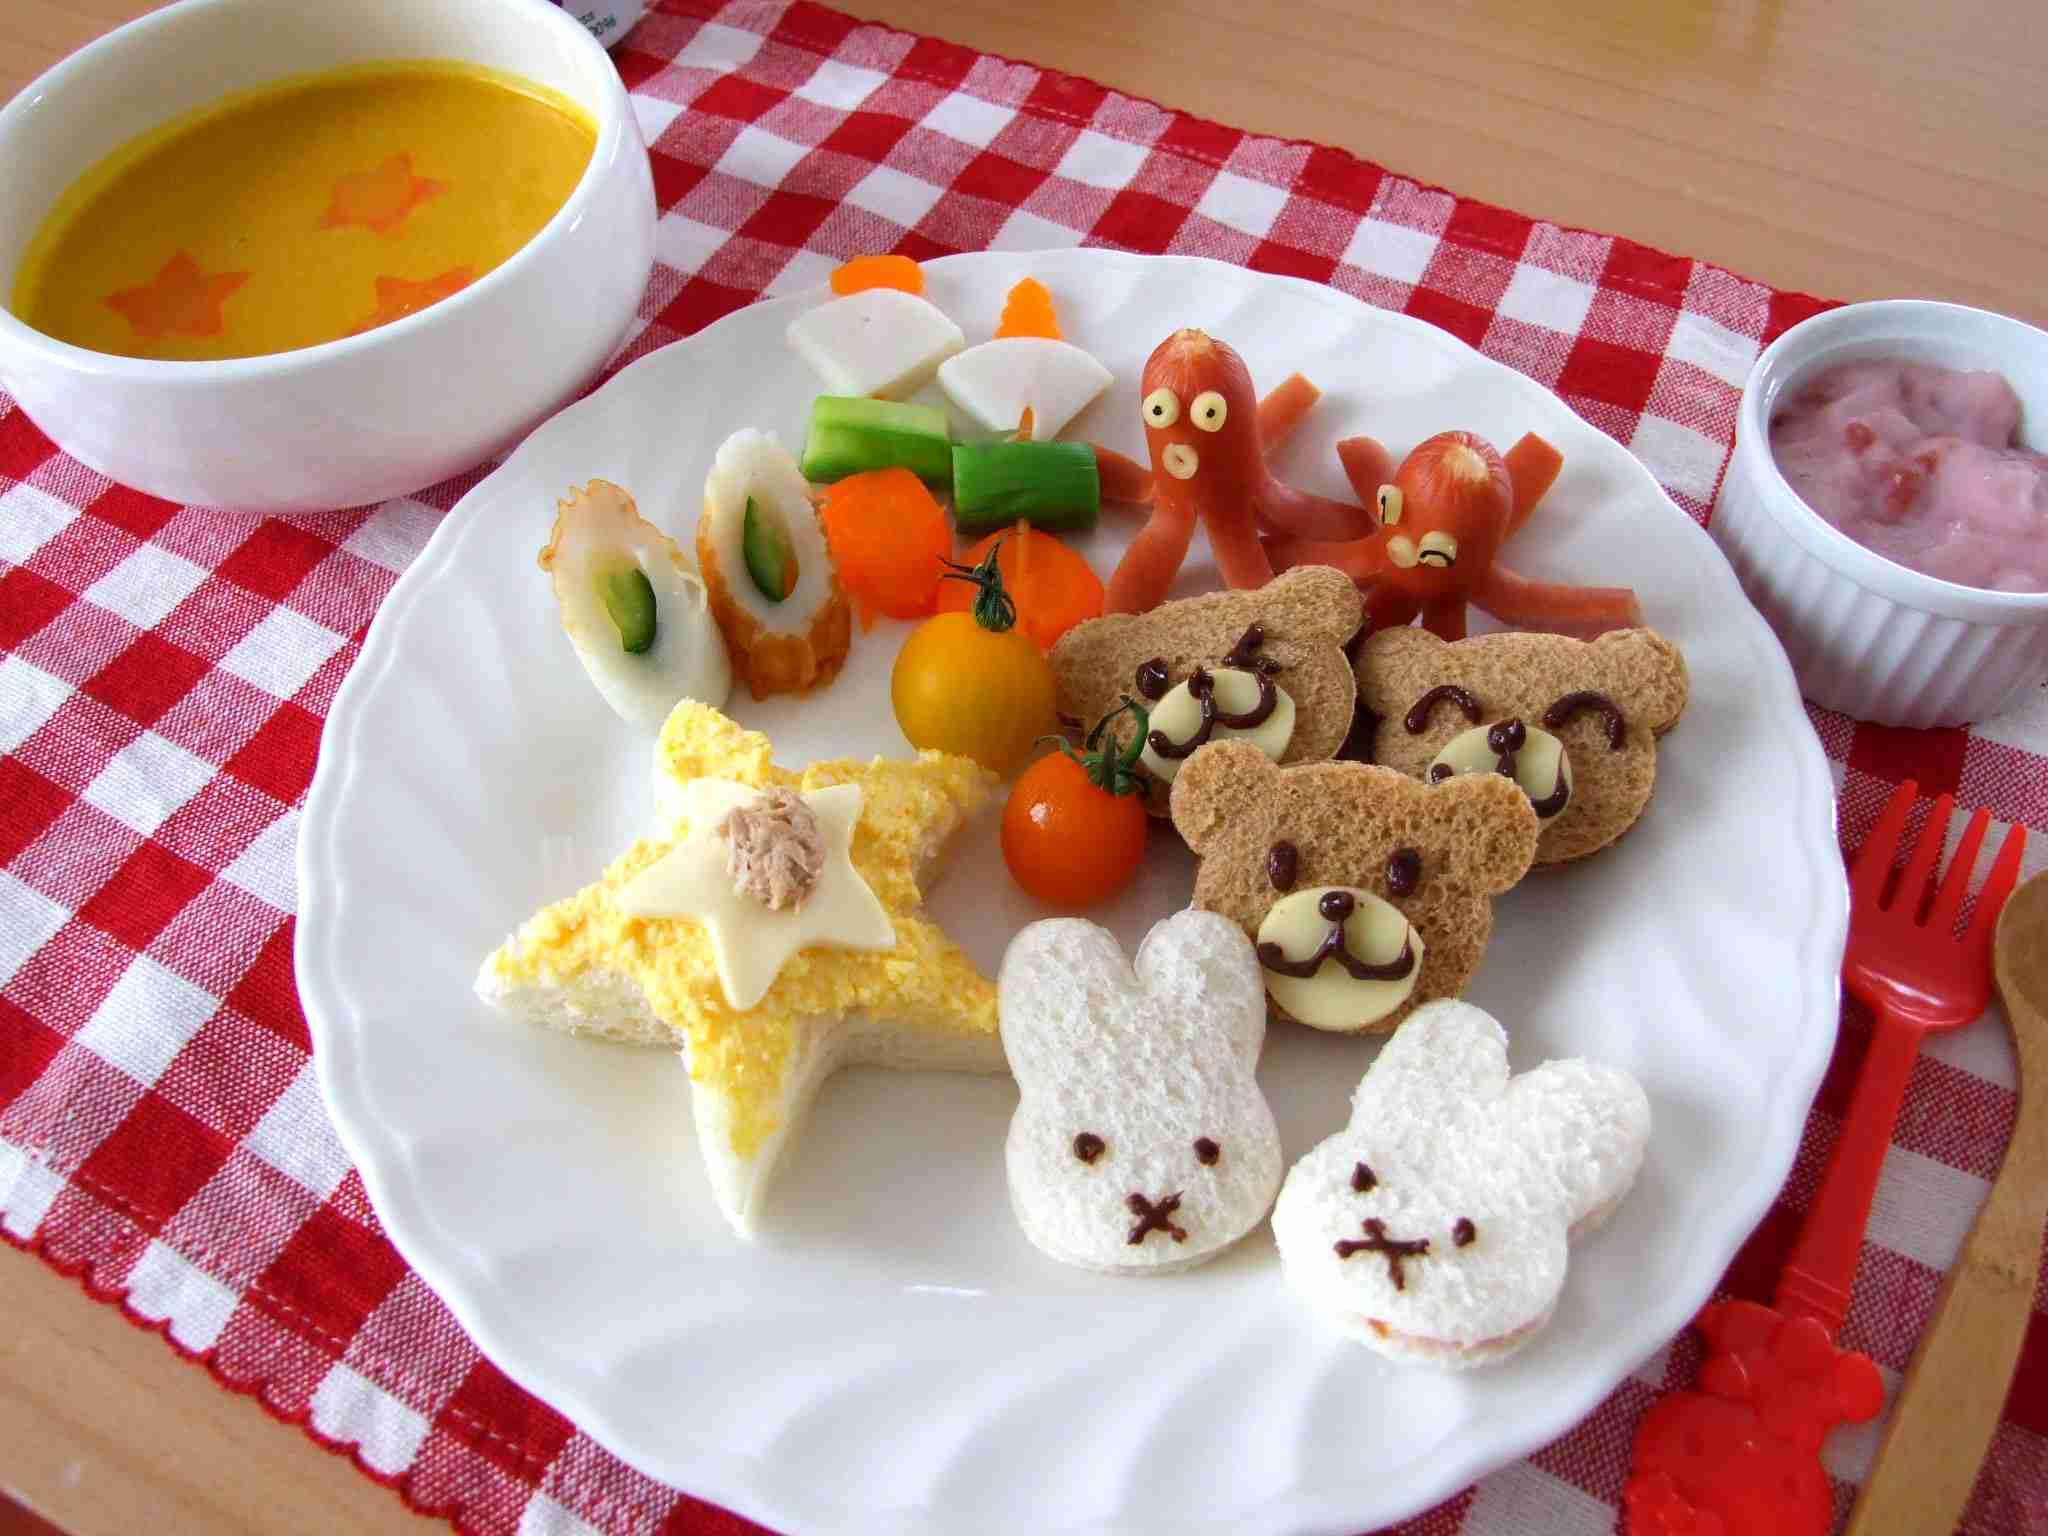 保育園から朝食に菓子パンNGのお知らせが。みんなの朝食は?